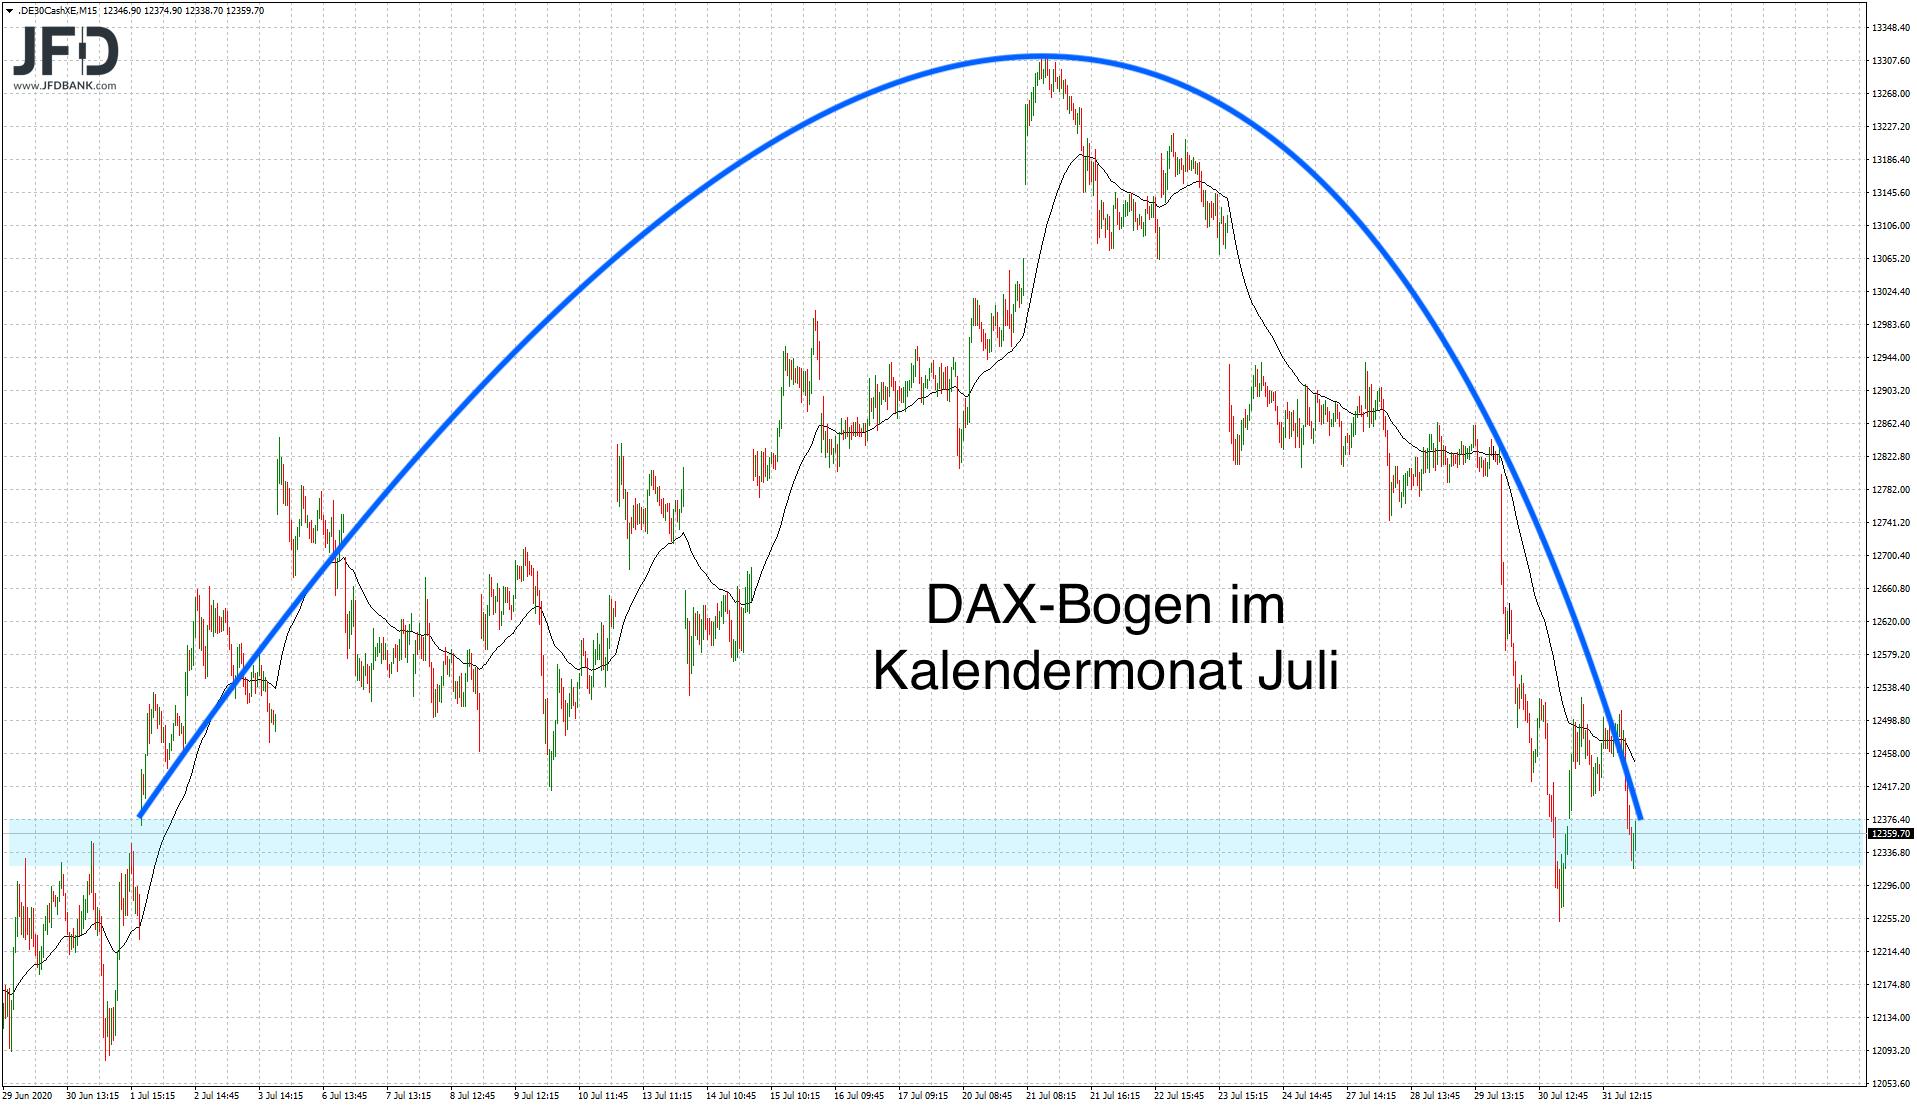 Juli-Verlauf im DAX